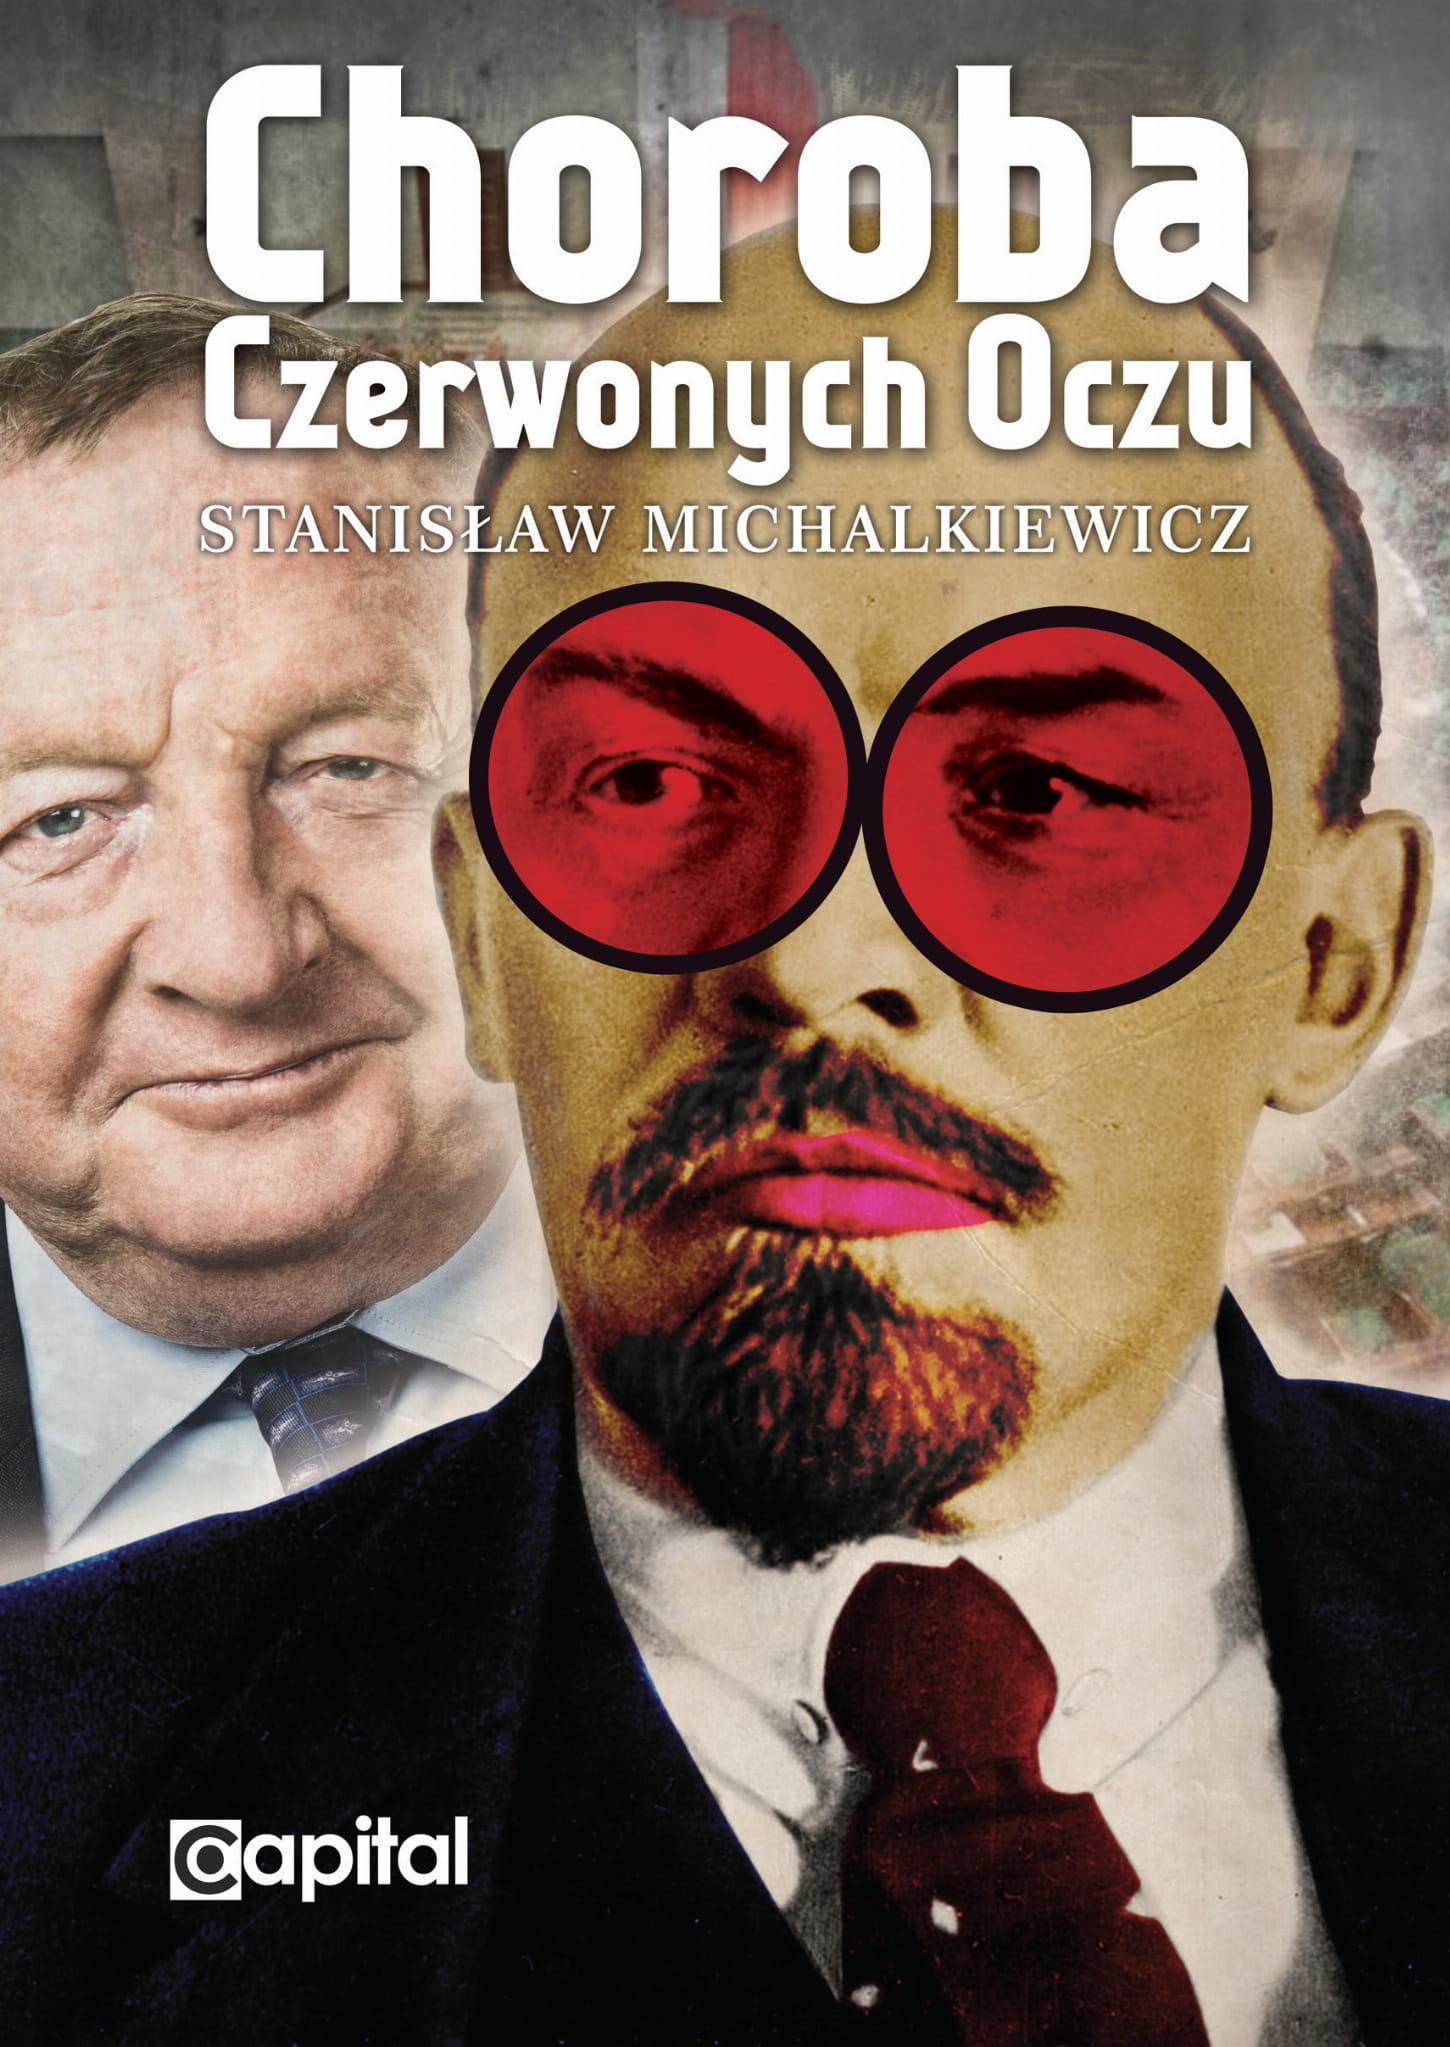 Choroba czerwonych oczu - Stanisław Michalkiewicz